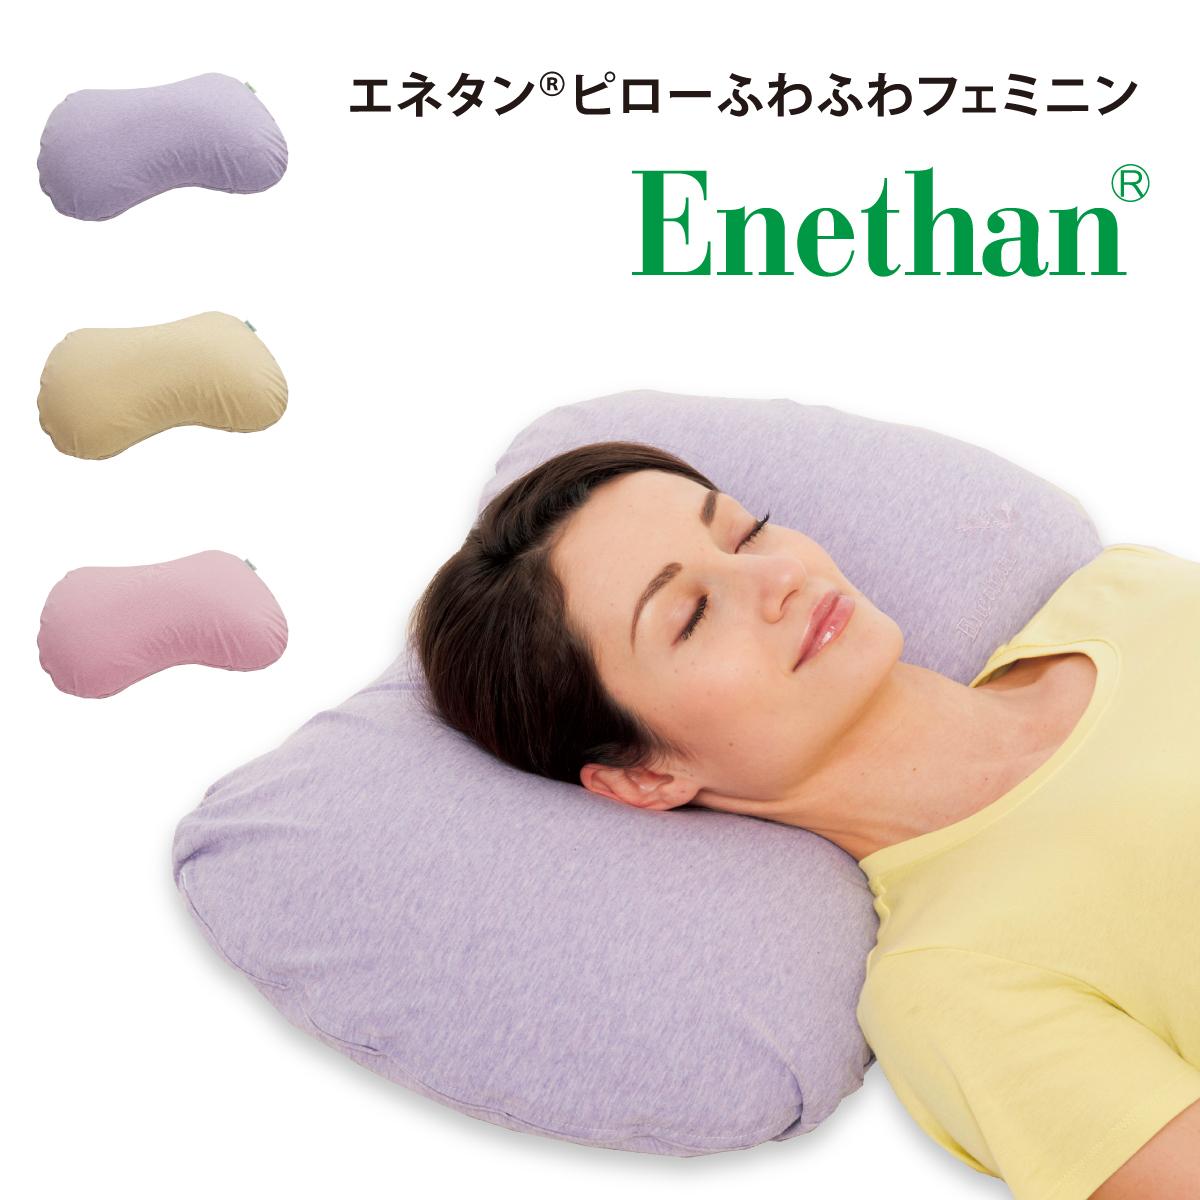 使われる方の頭部と頚部を包み込むように形が変化するエネタンフォームを使用 メーカー直売 眠ることが楽しみになる 包み込まれるような心地よさです 9 10~9 11 1:59までクーポンで10%OFF 快眠をサポートする低反発枕 肩こりや首の疲れにおすすめのピロー エネタン 幅60 綿100 ウレタン 肩こり ☆正規品新品未使用品 肩 首枕 寝やすい枕 高さ8 安眠 洗える枕 ネックピロー